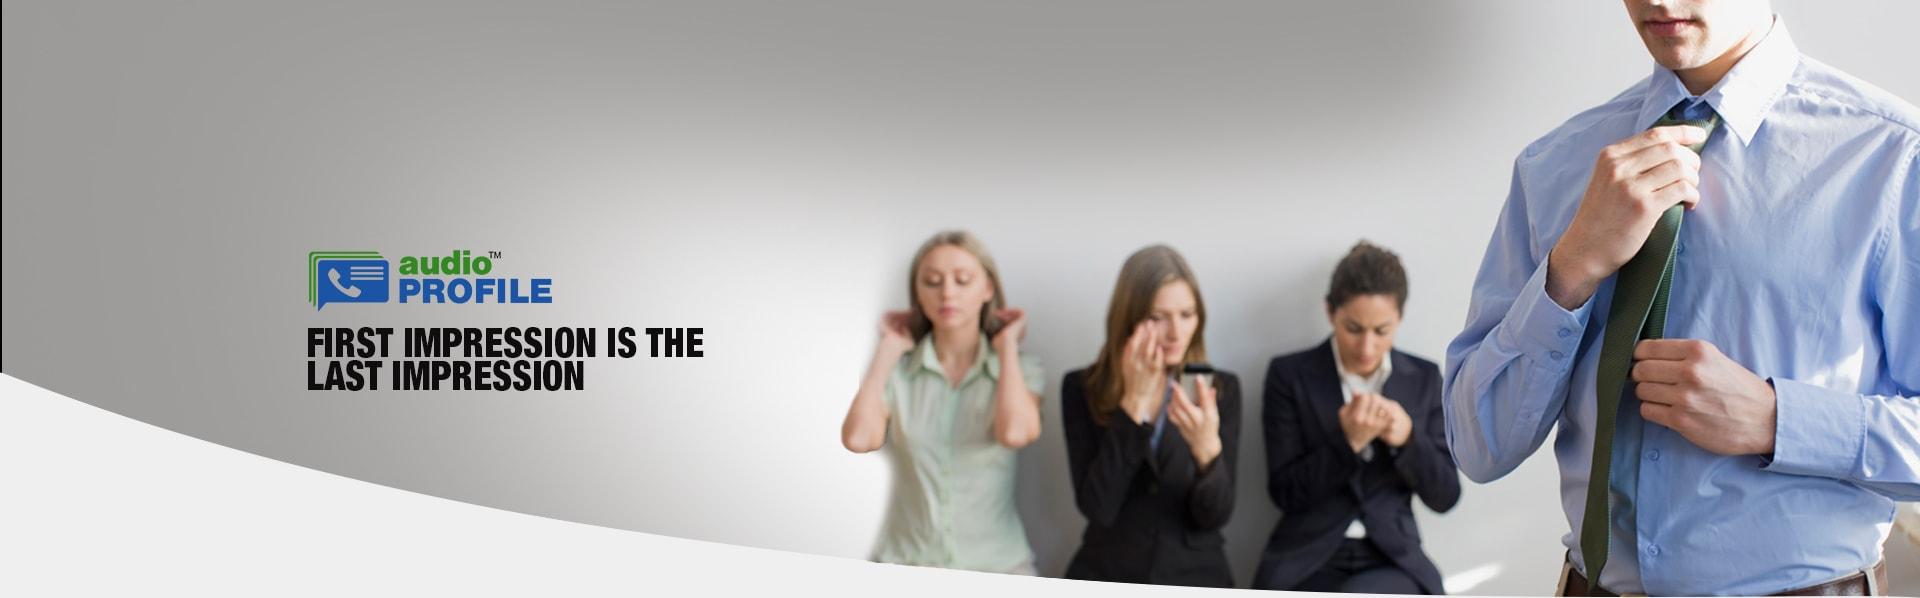 Big V Telecom Audio Profile